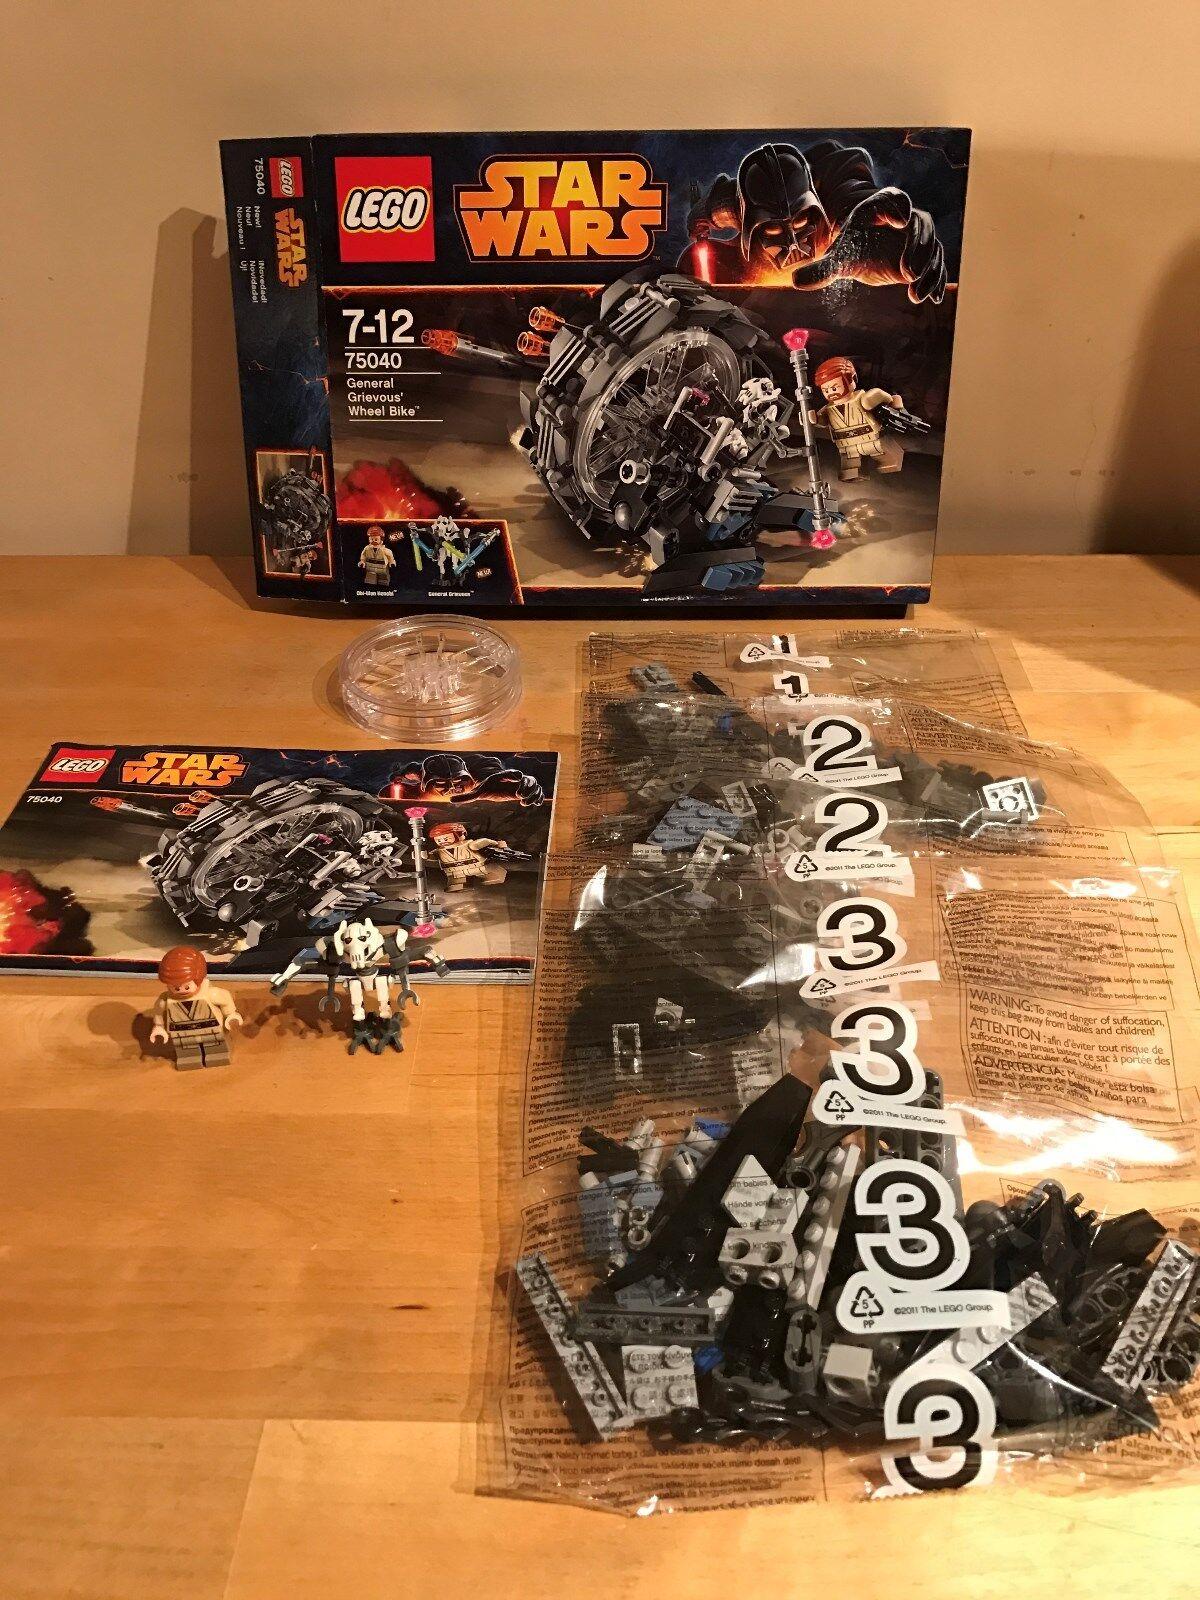 Lego Star Wars 75040 75040 75040 - General Grievous' Wheel Bike (Boxed) e824fd